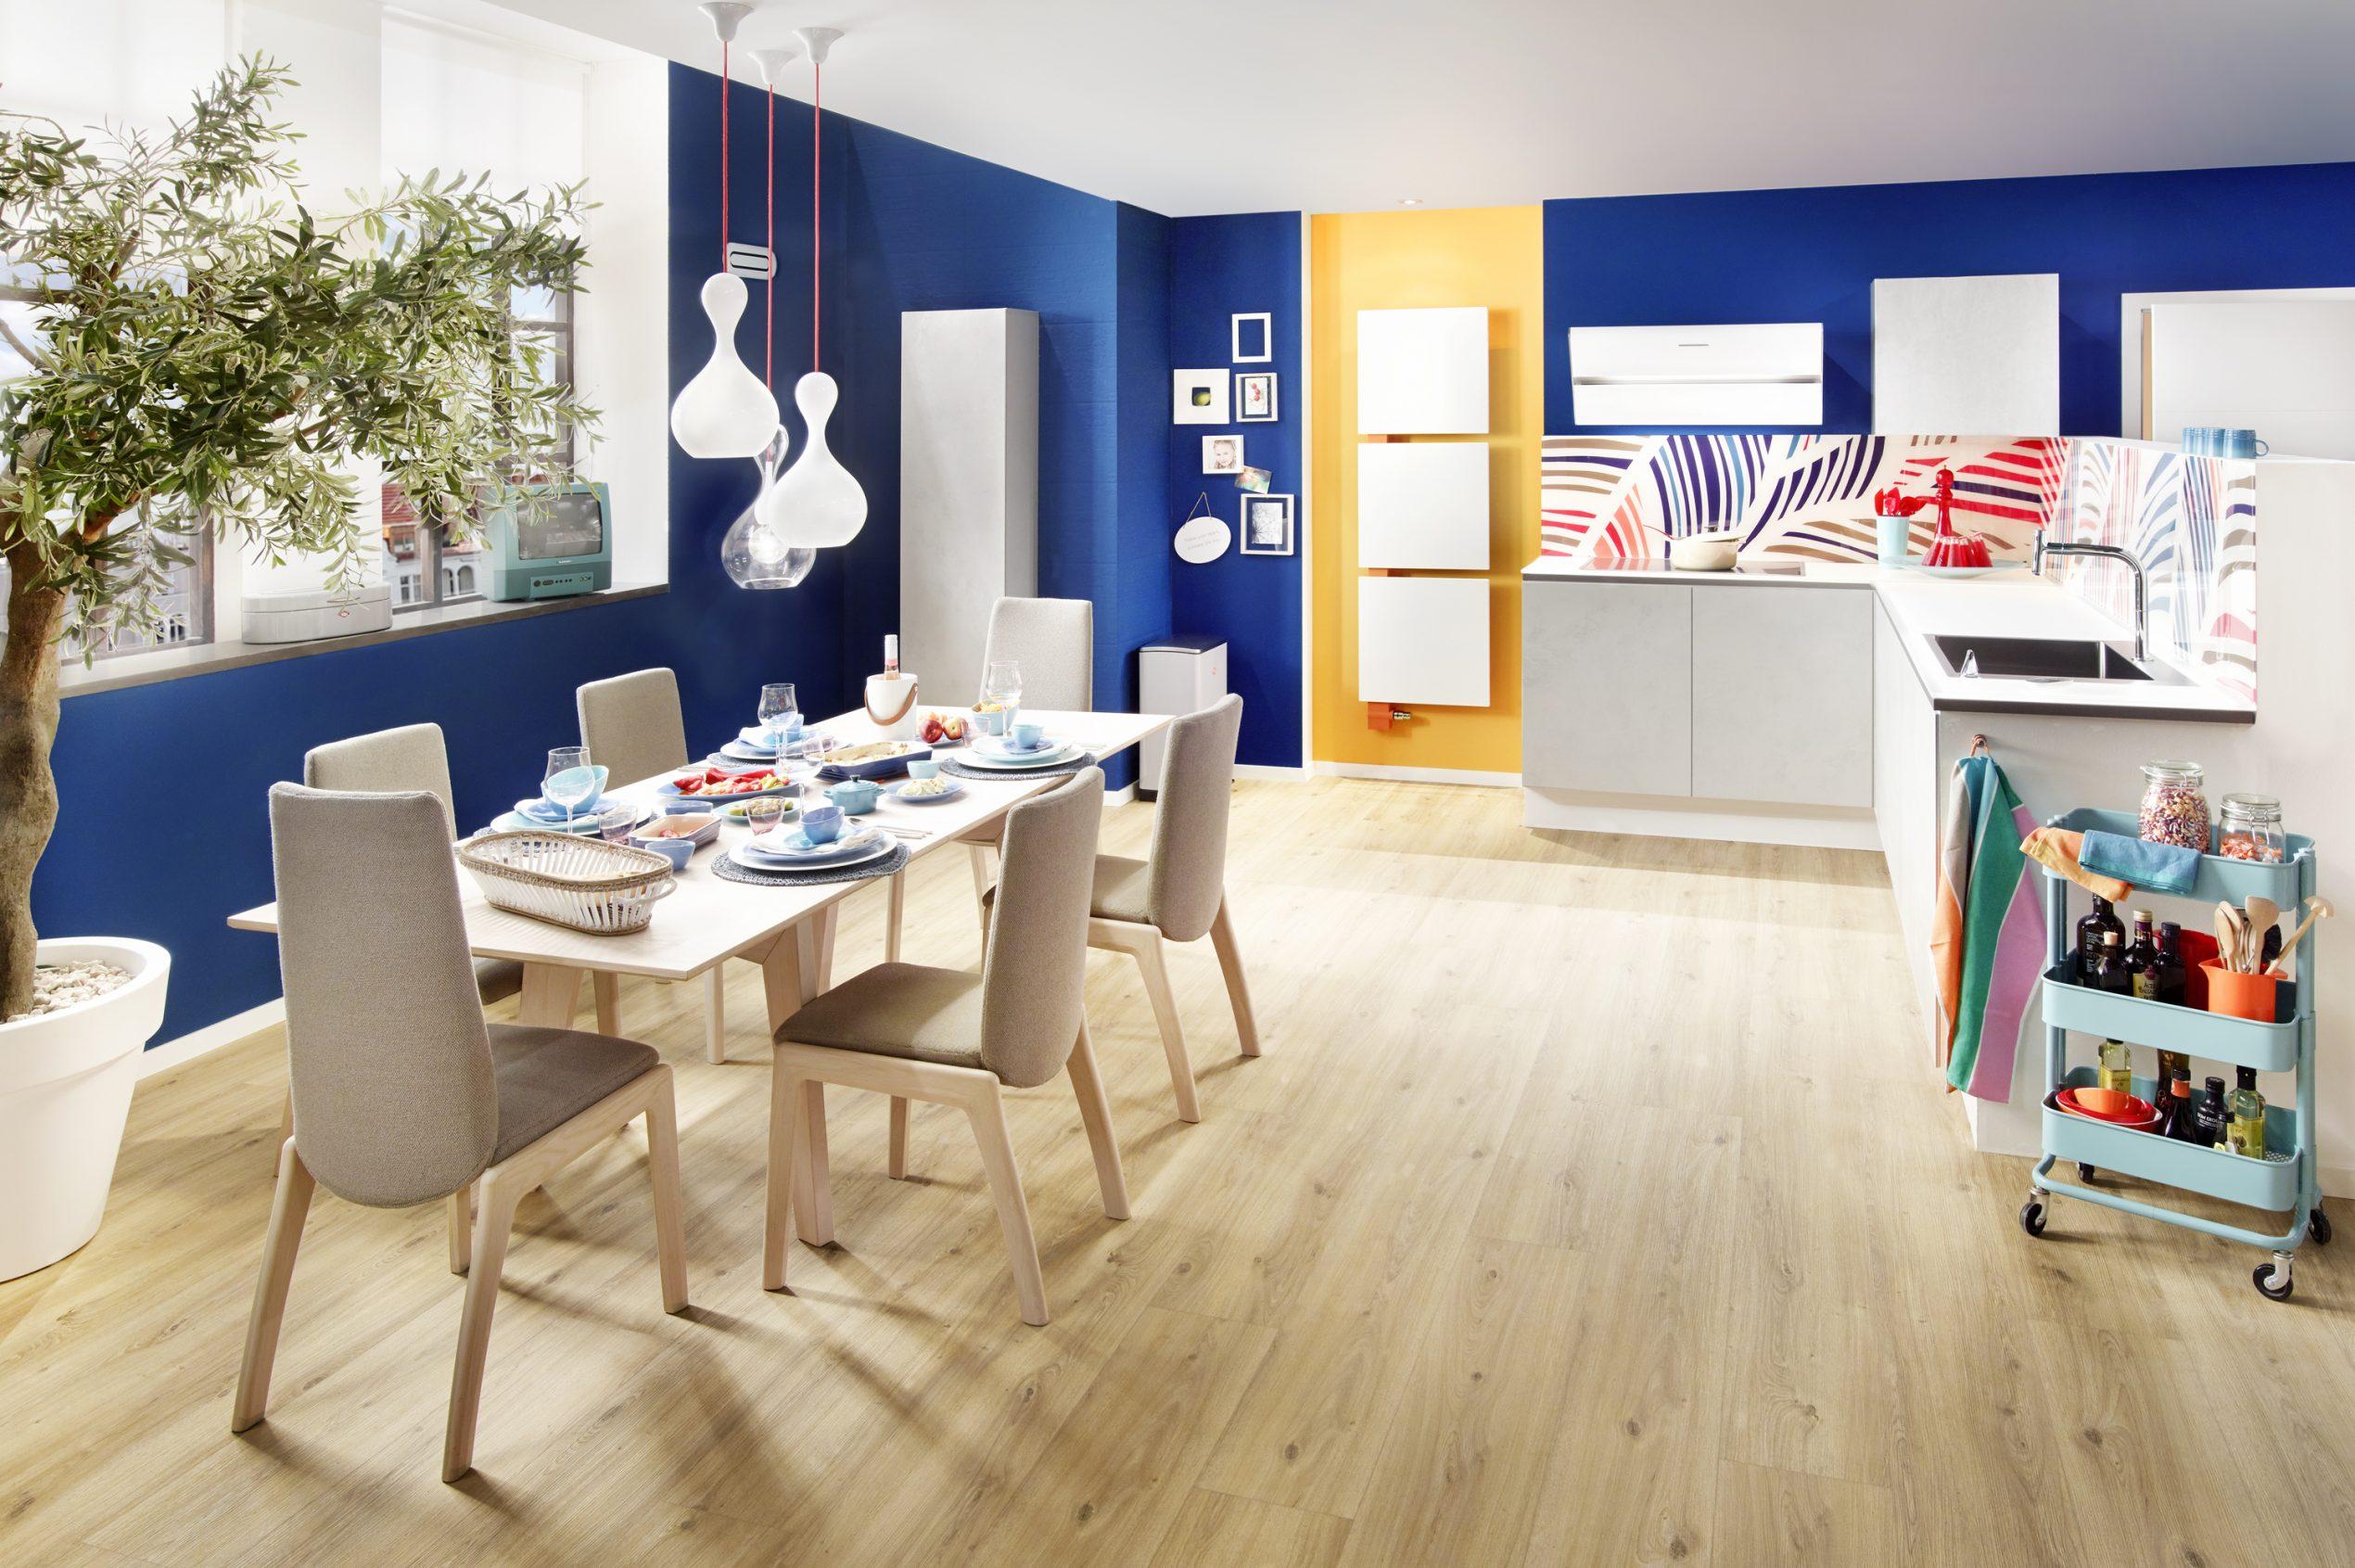 Full Size of Wanddeko Küche Modern Kuche Deko Blau Caseconradcom Sideboard Mit Arbeitsplatte Moderne Bilder Fürs Wohnzimmer Weiß Matt Industrielook Laminat Pentryküche Wohnzimmer Wanddeko Küche Modern